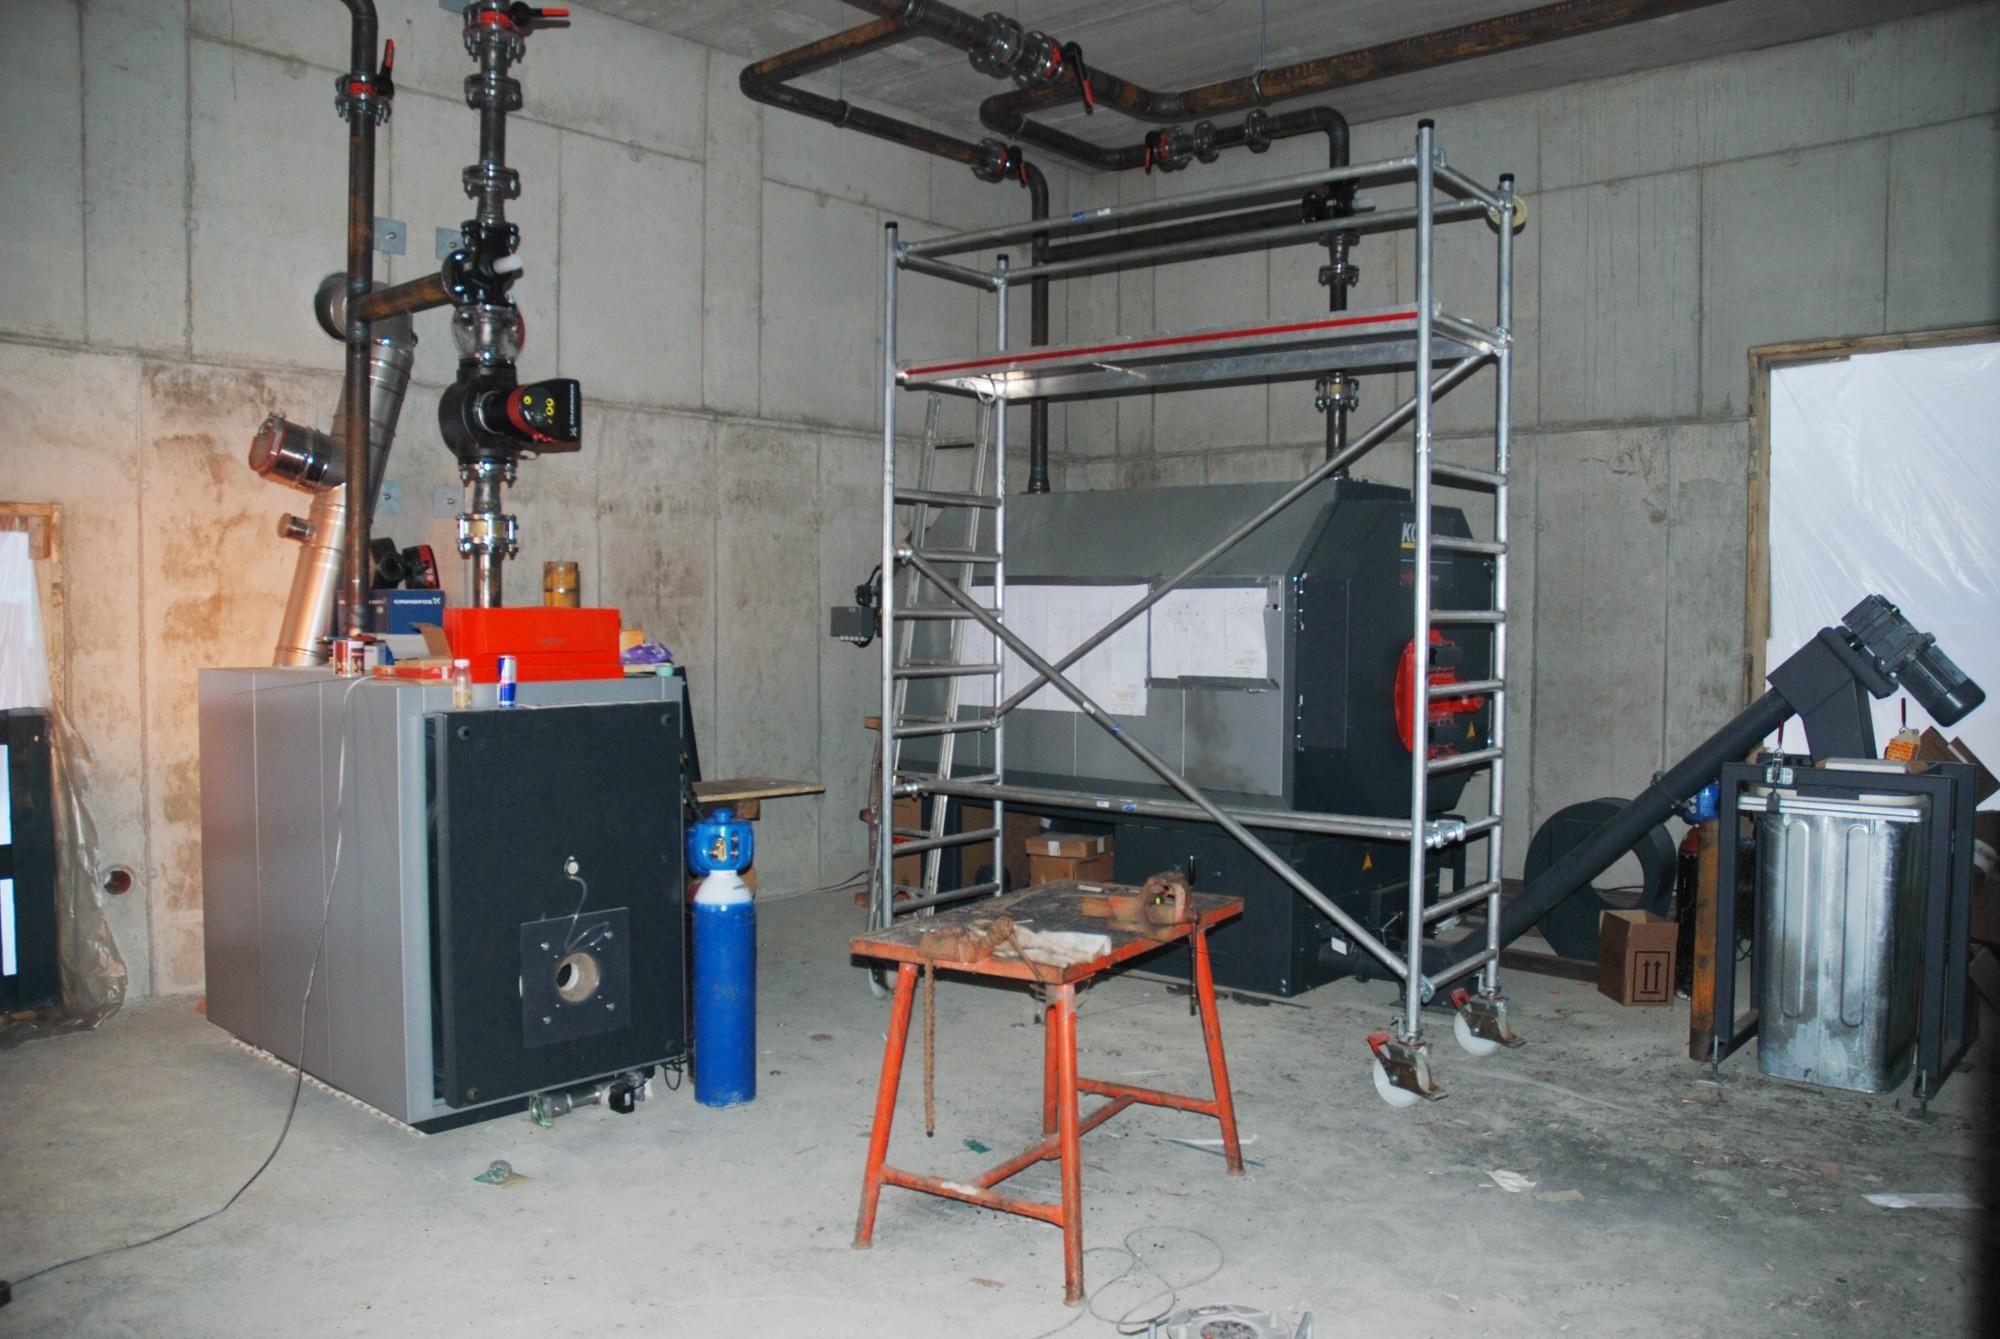 Das Bild zeigt das Innere des Heizwerkes mit dem Gaskessel und Pelletkessel